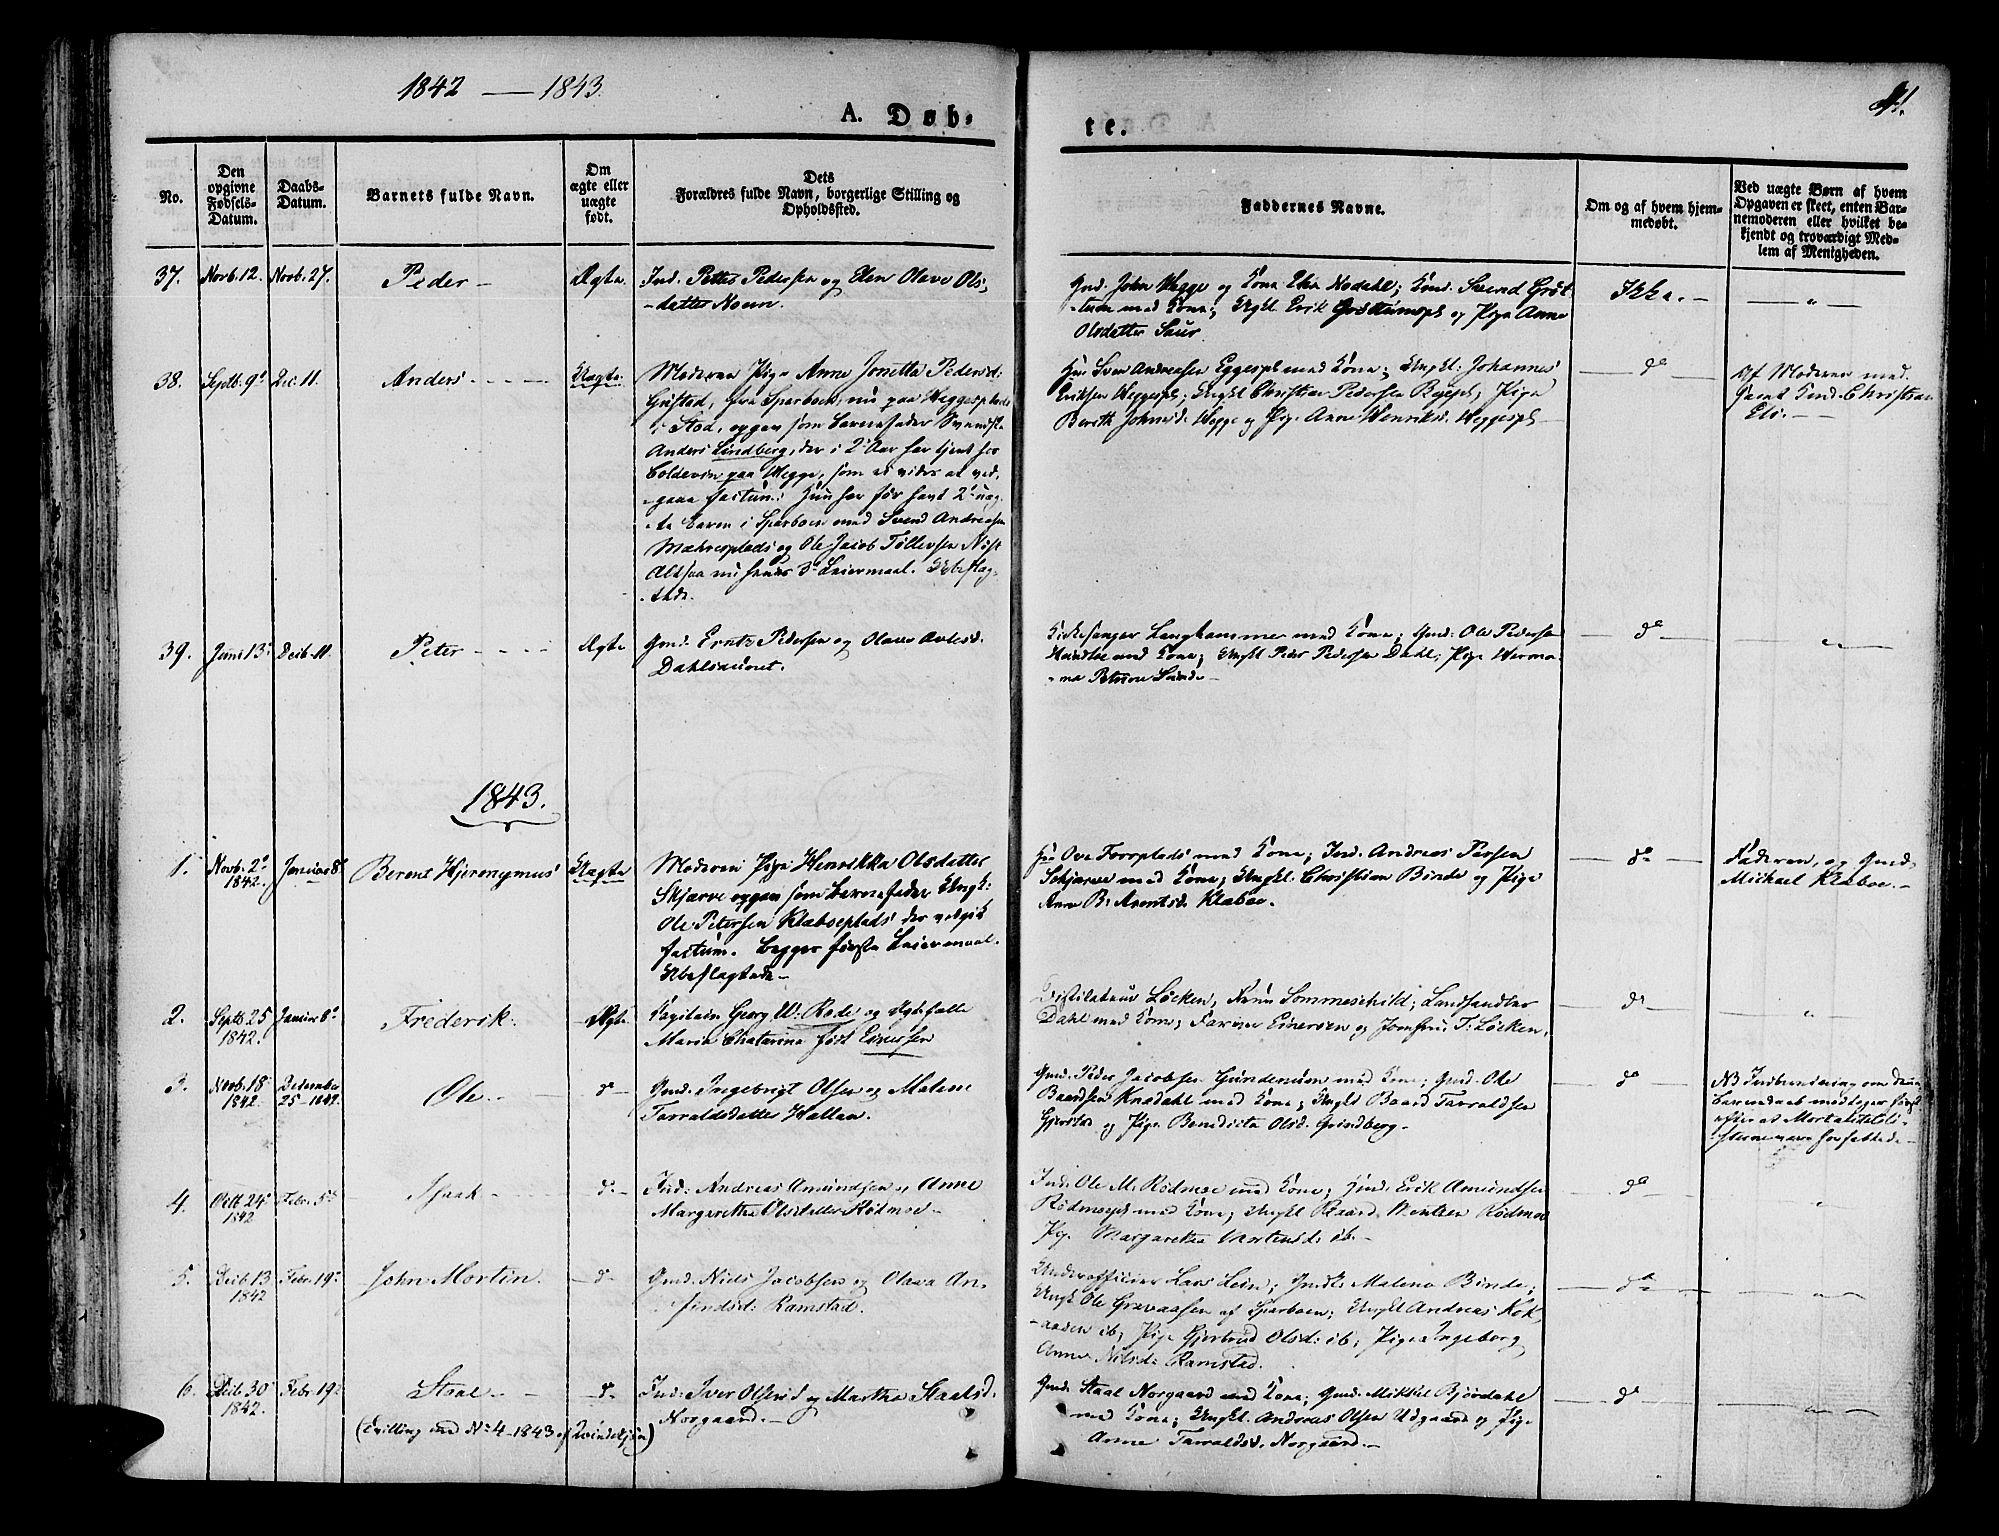 SAT, Ministerialprotokoller, klokkerbøker og fødselsregistre - Nord-Trøndelag, 746/L0445: Ministerialbok nr. 746A04, 1826-1846, s. 41